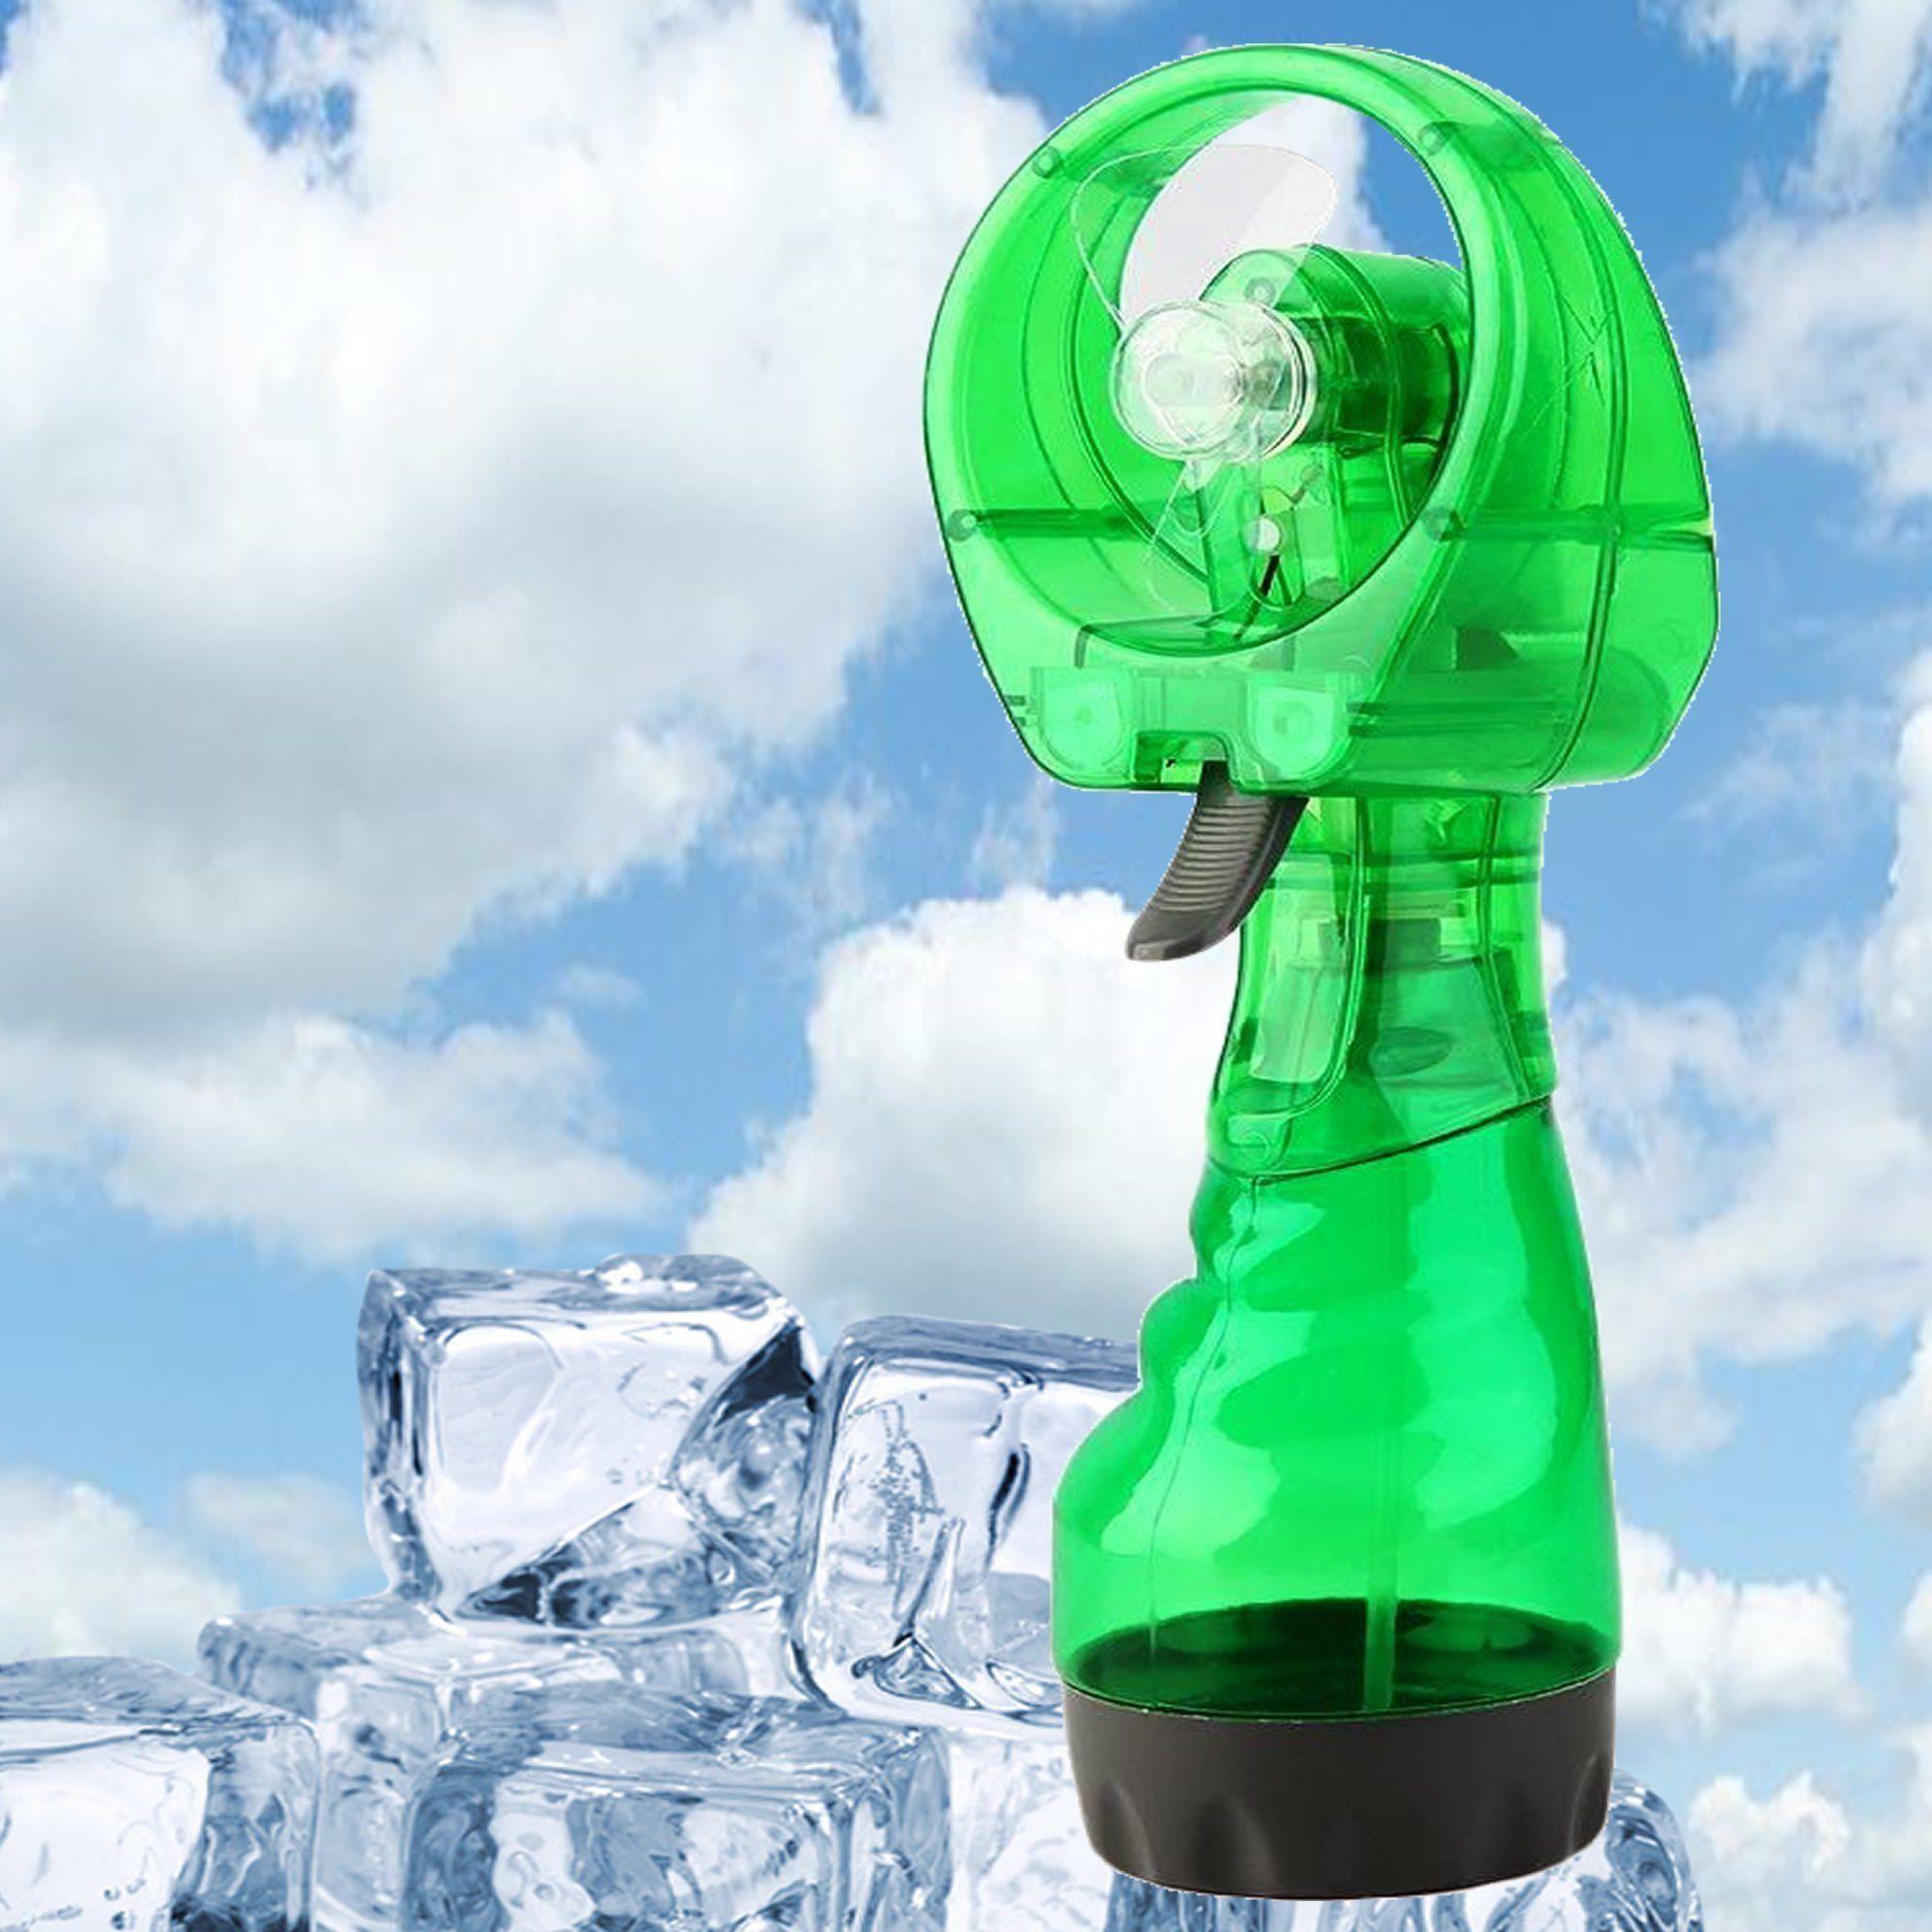 Ventilador Portátil Borrifador Umidificador Spray Verde CBRN05130